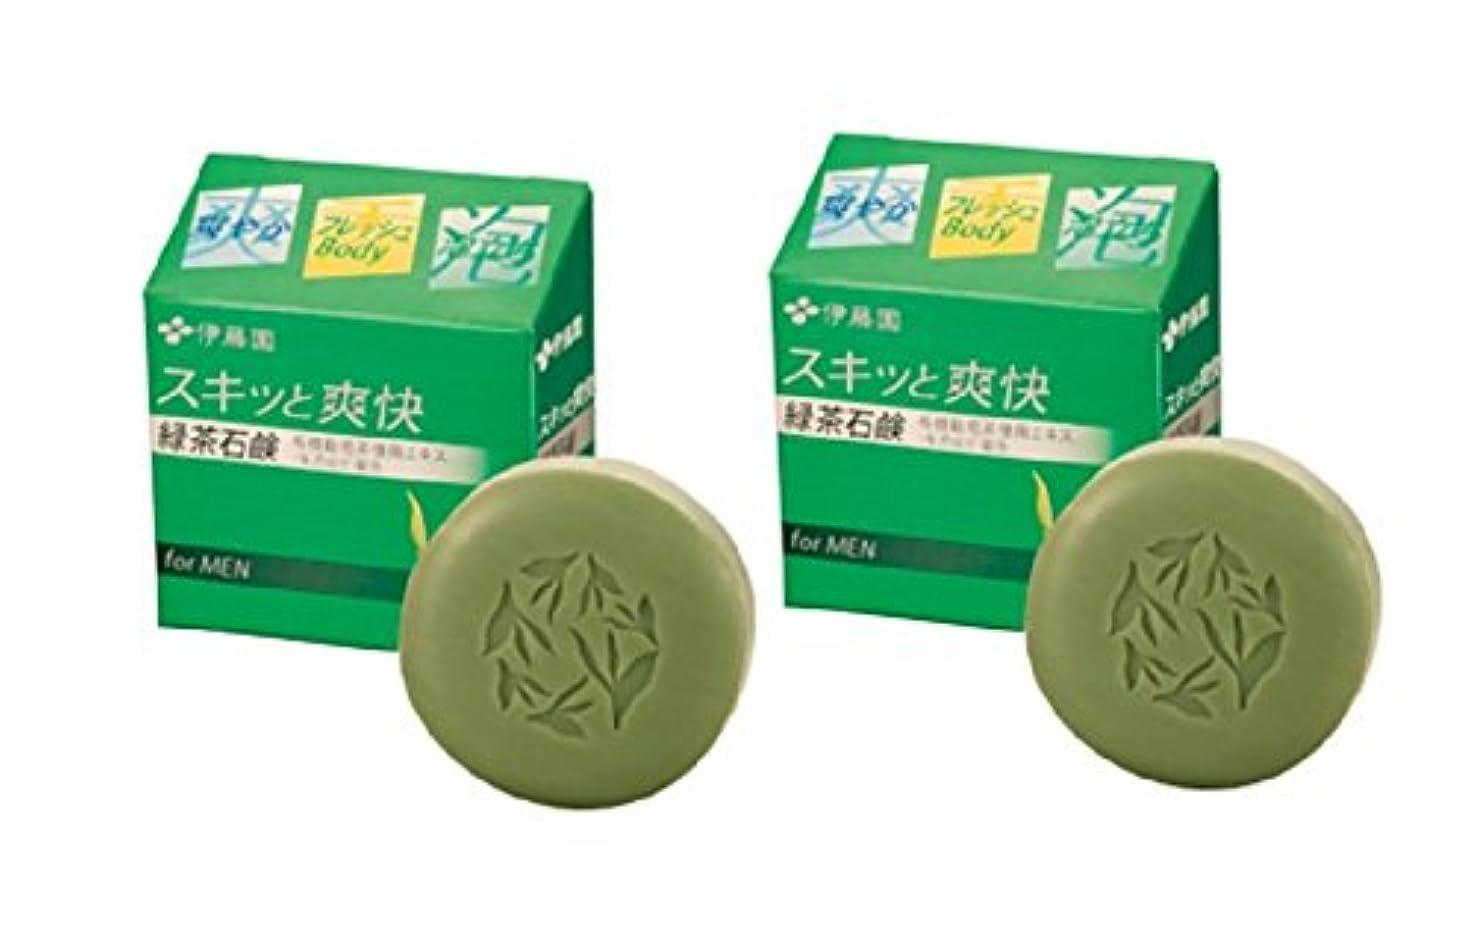 私達不十分物理的な伊藤園 スキッと爽快 緑茶石鹸 男性用 80g×2個セット